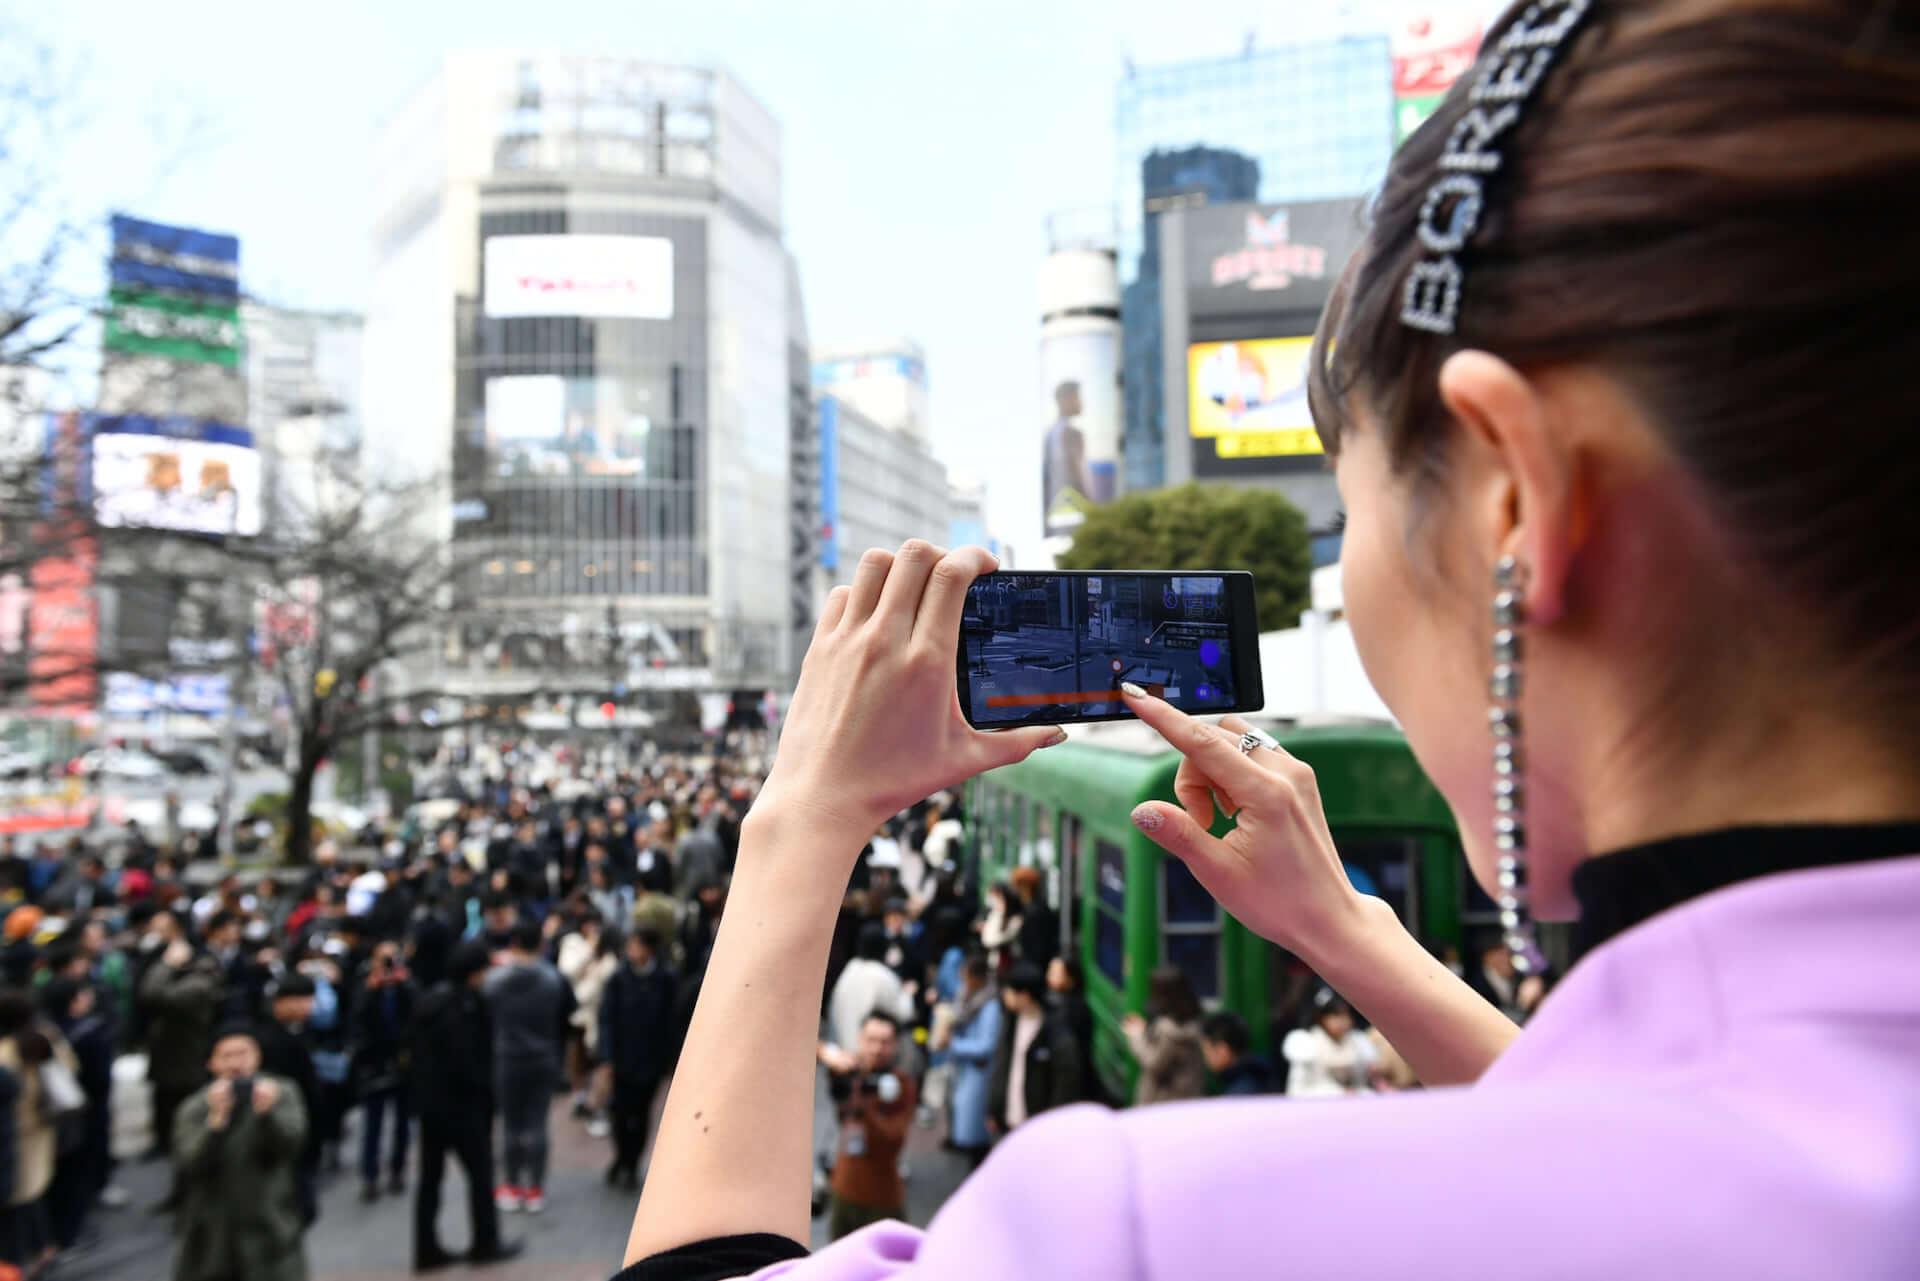 渋谷が5G×エンタメで盛り上がる!「渋谷5Gエンターテイメントプロジェクト」始動|キックオフパーティーにダレン・エマーソン、Licaxxxら登場 music200128_5g_0004-1920x1281